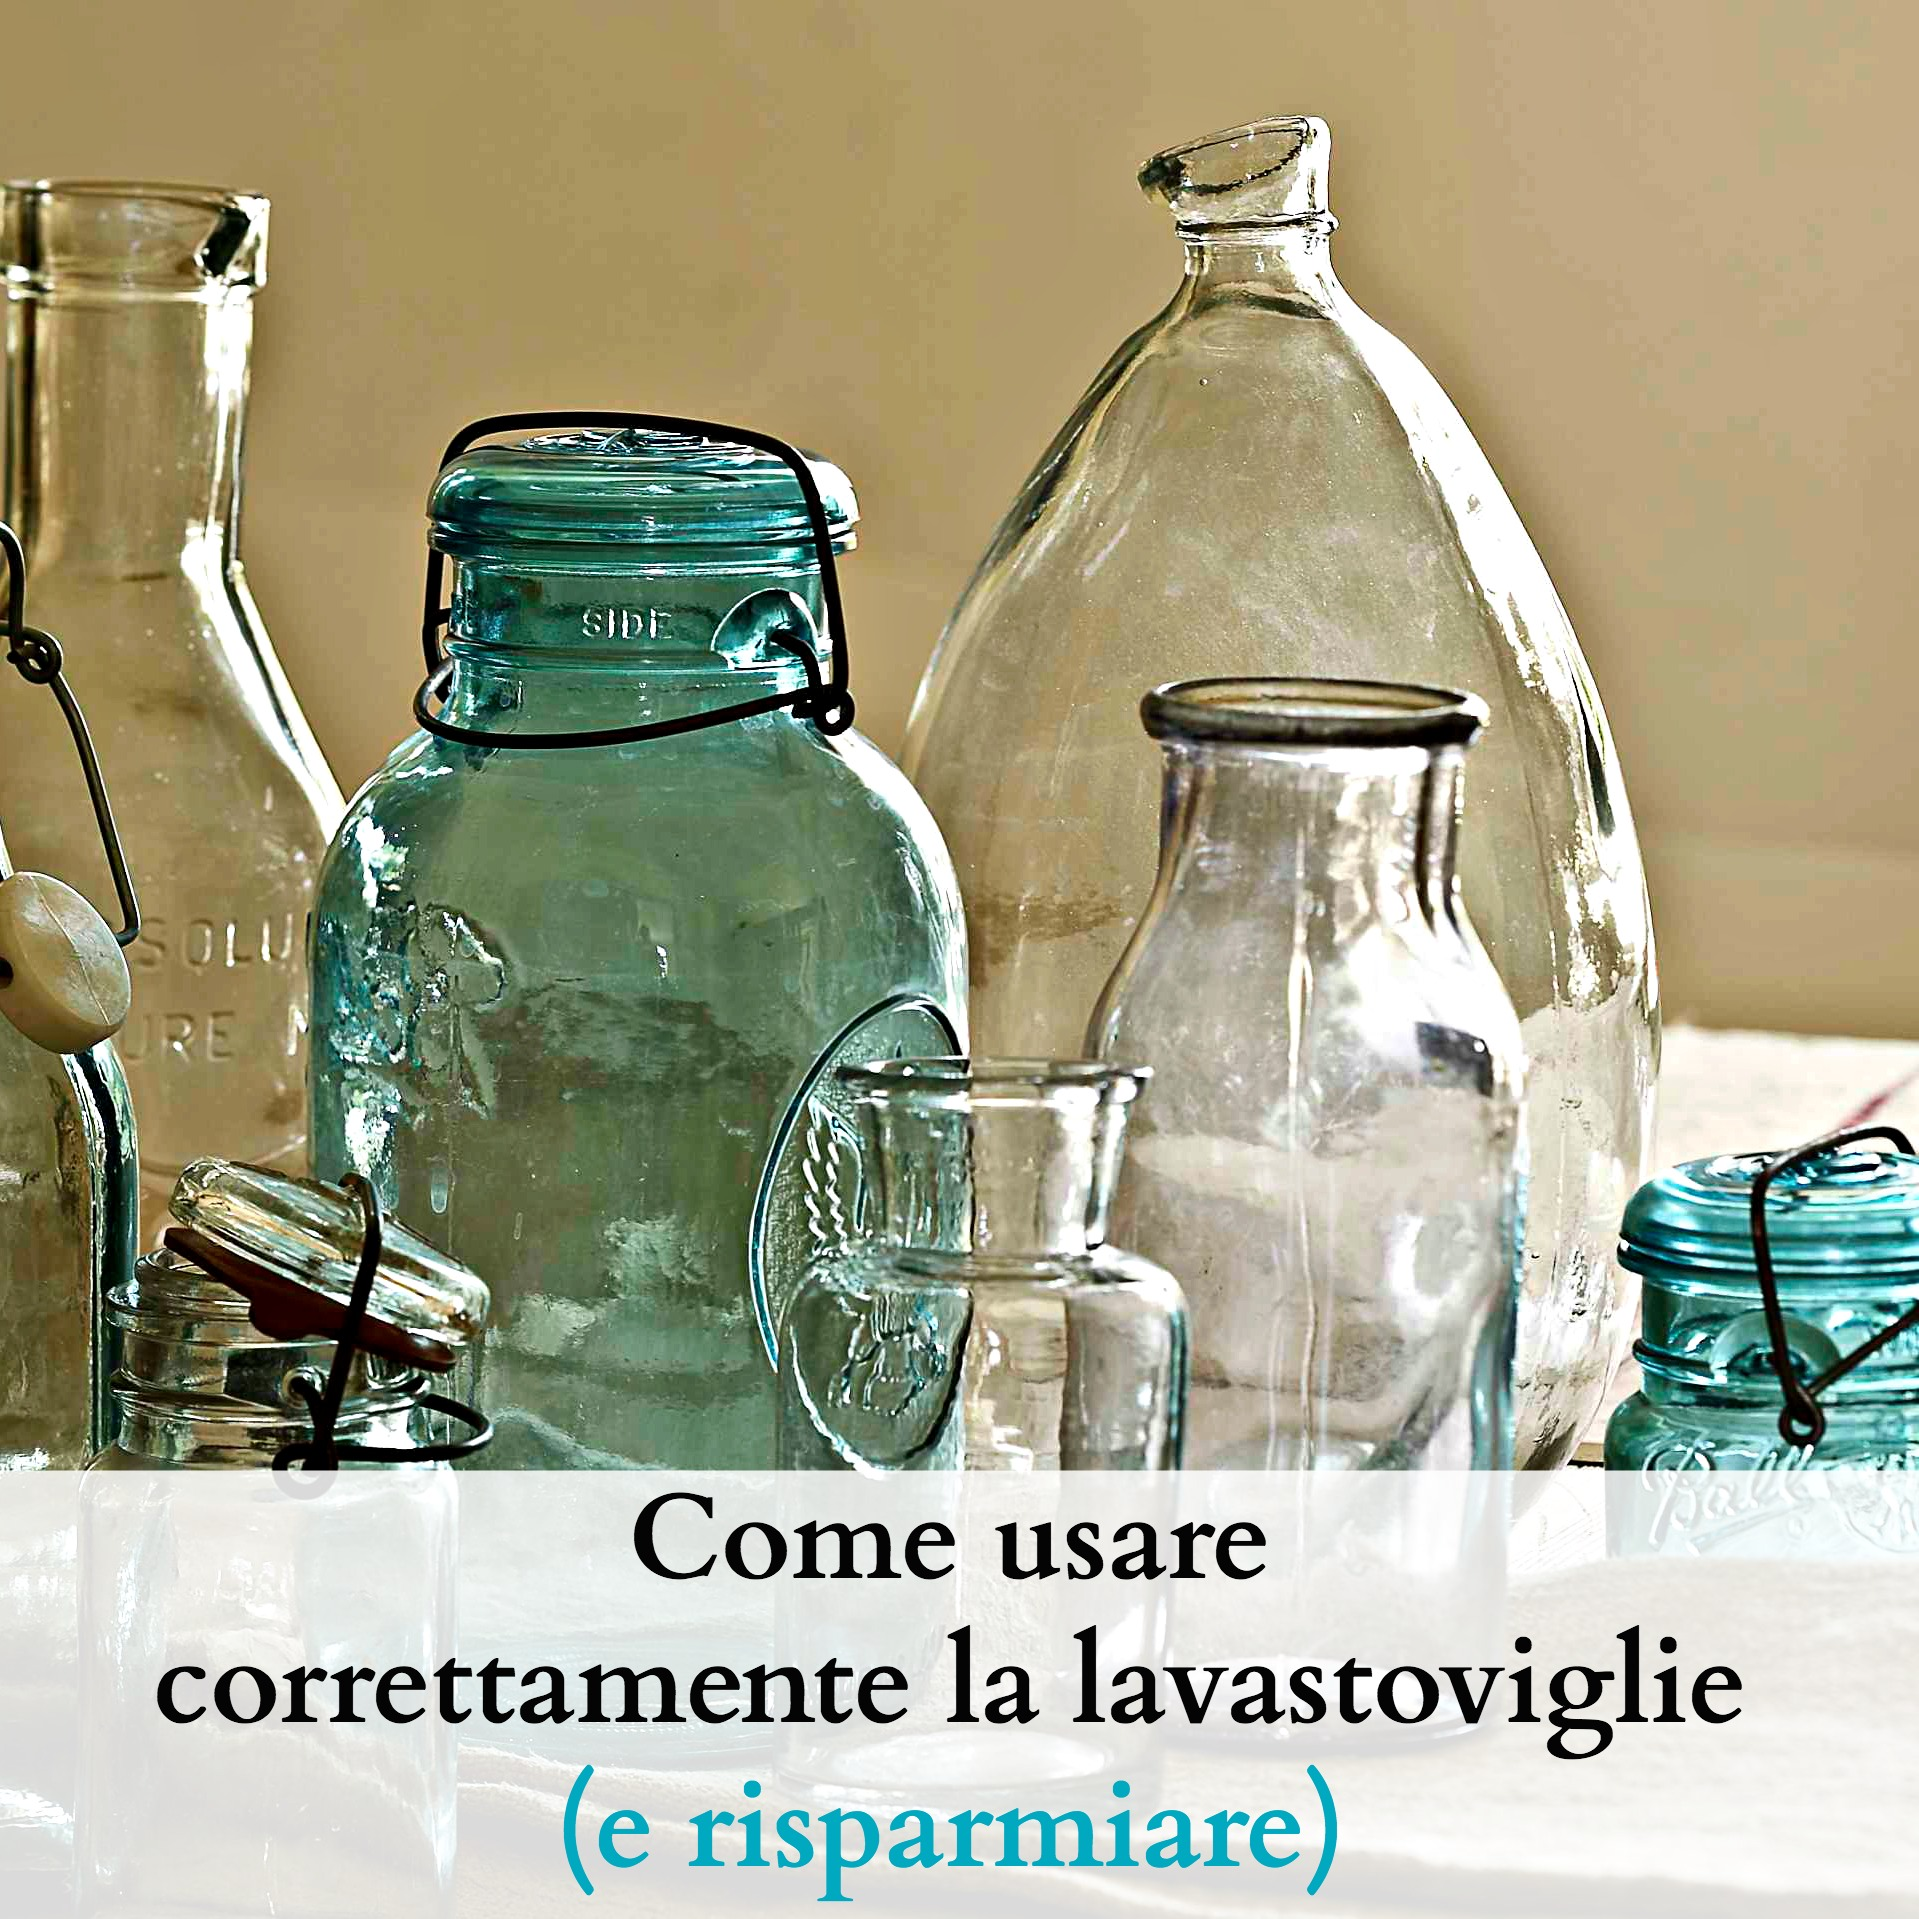 Come usare correttamente la lavastoviglie e risparmiare for La lavastoviglie